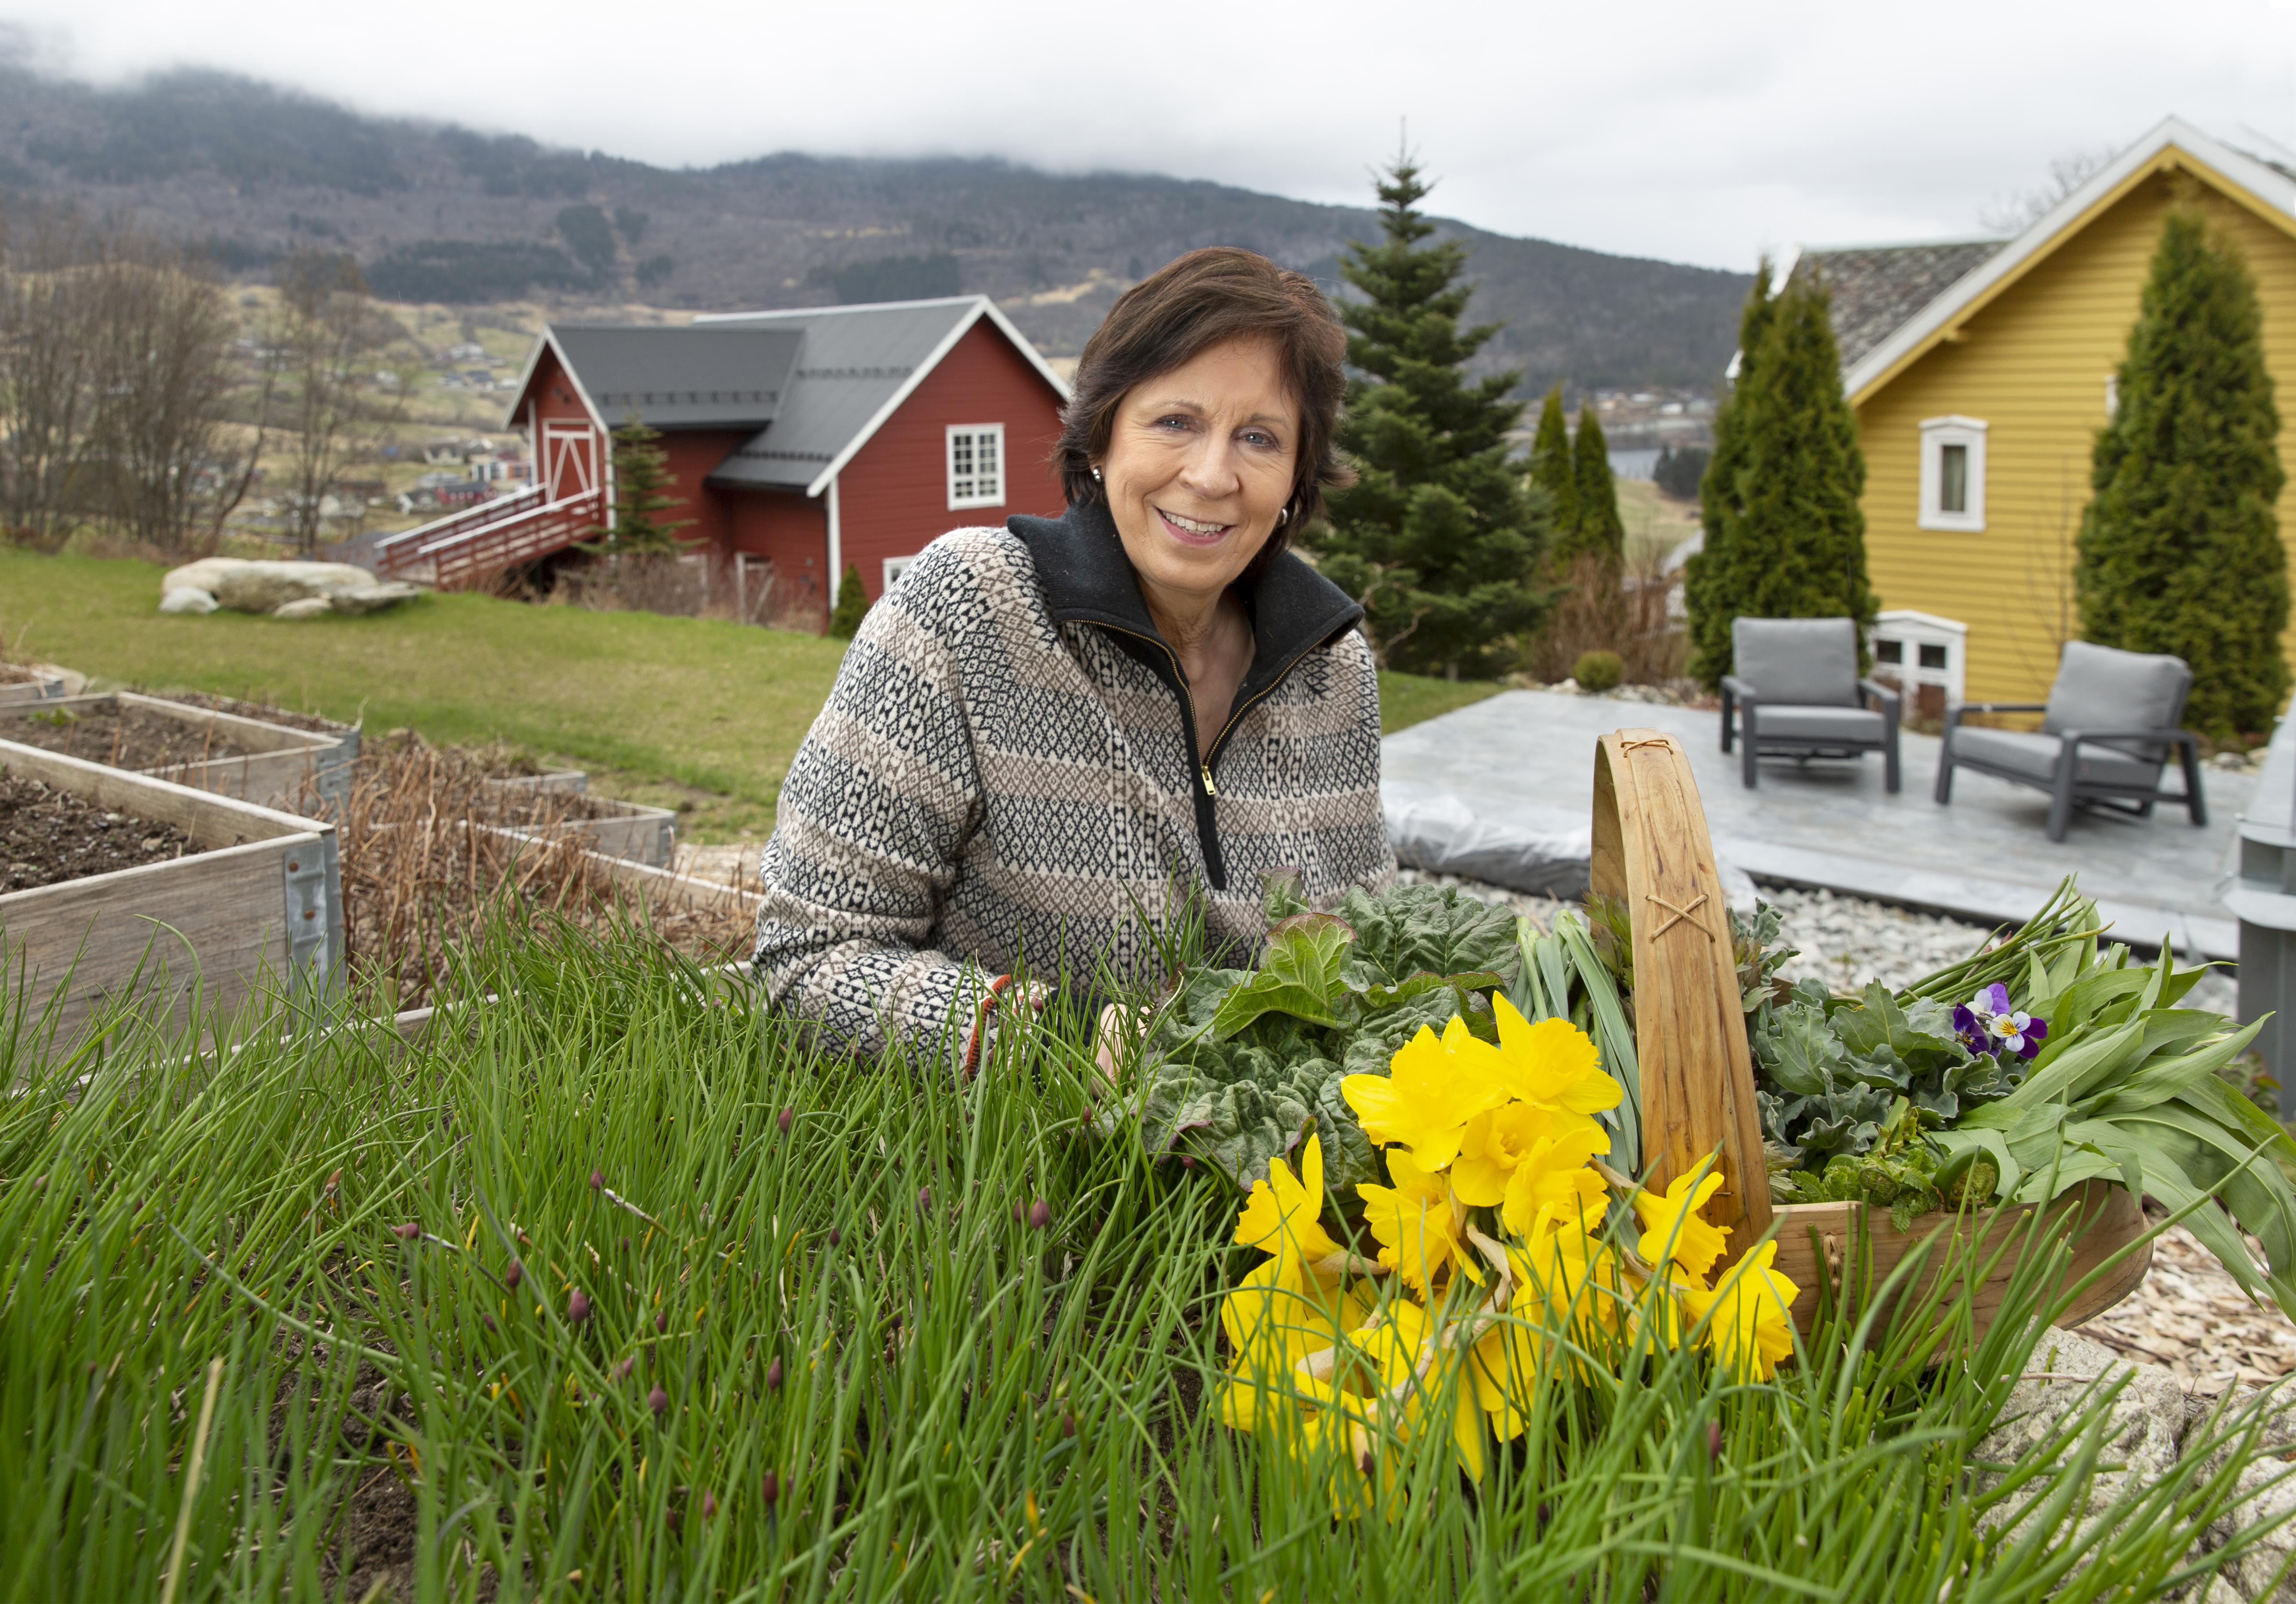 Månedens kokk: Lindis Alme har gjort ektemannens odel til sitt levebrød